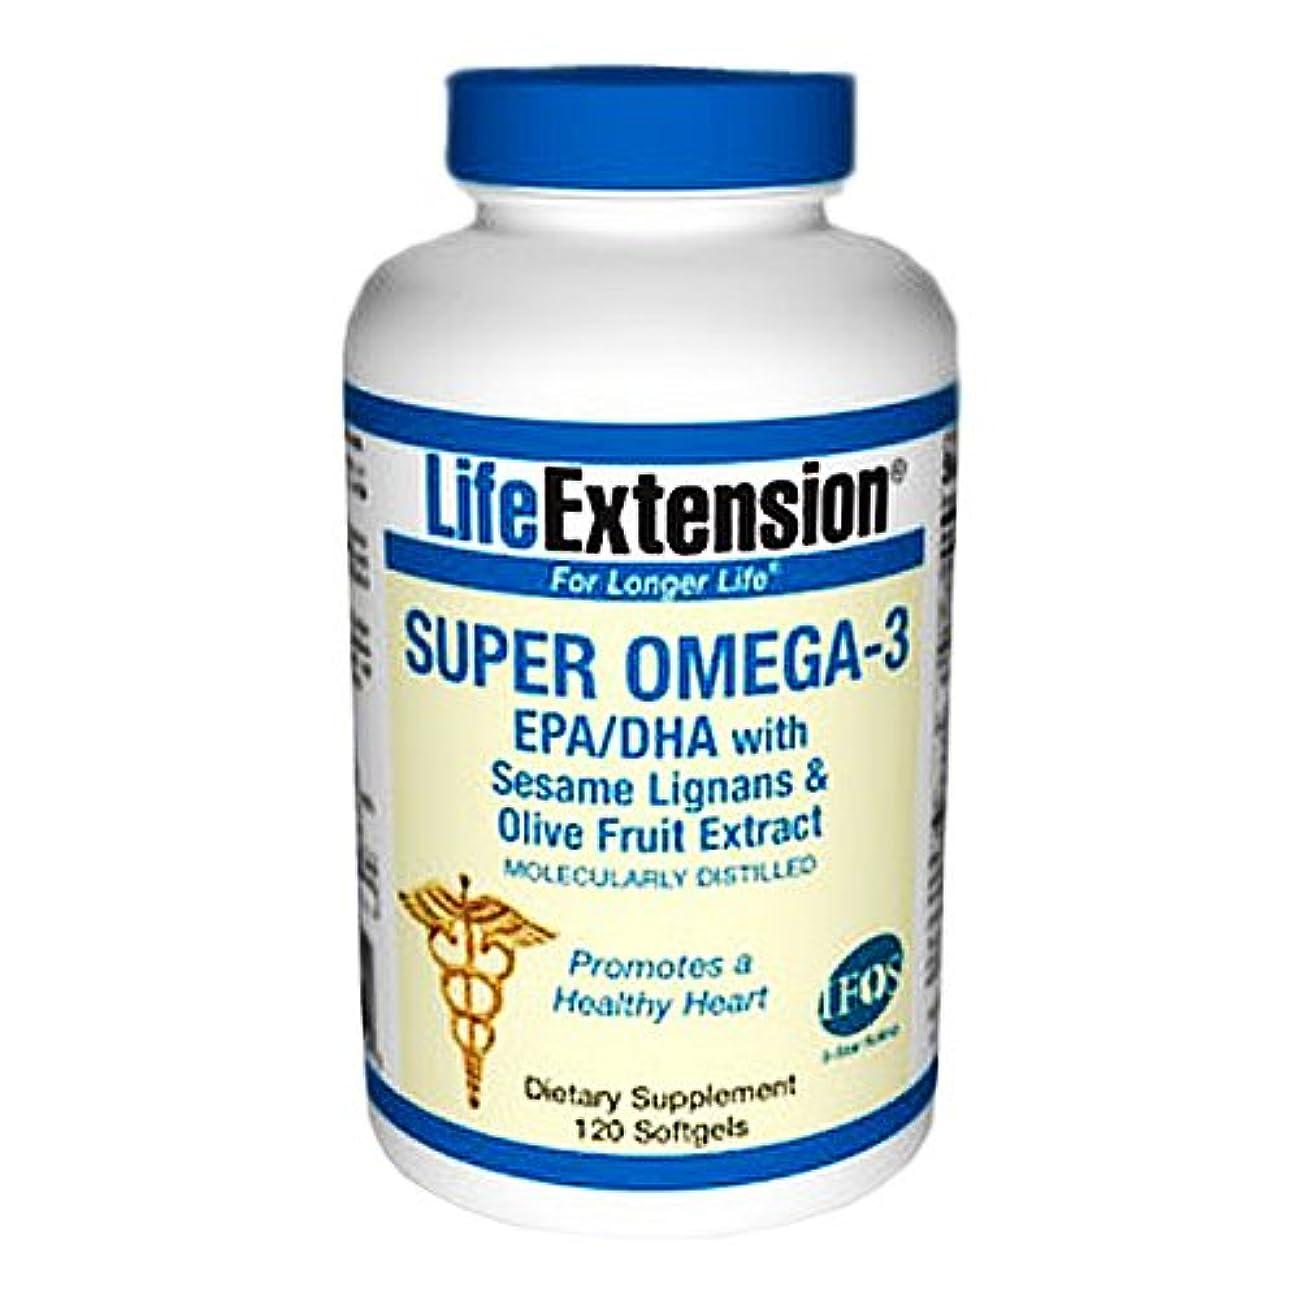 ファンブル爆弾自発スーパーオメガ3 EPA / DHA ゴマリグナン&オリーブ果実の抽出物 Omega-3 EPA/DHA with Sesame Lignans & Olive Fruit Extract (海外直送品)